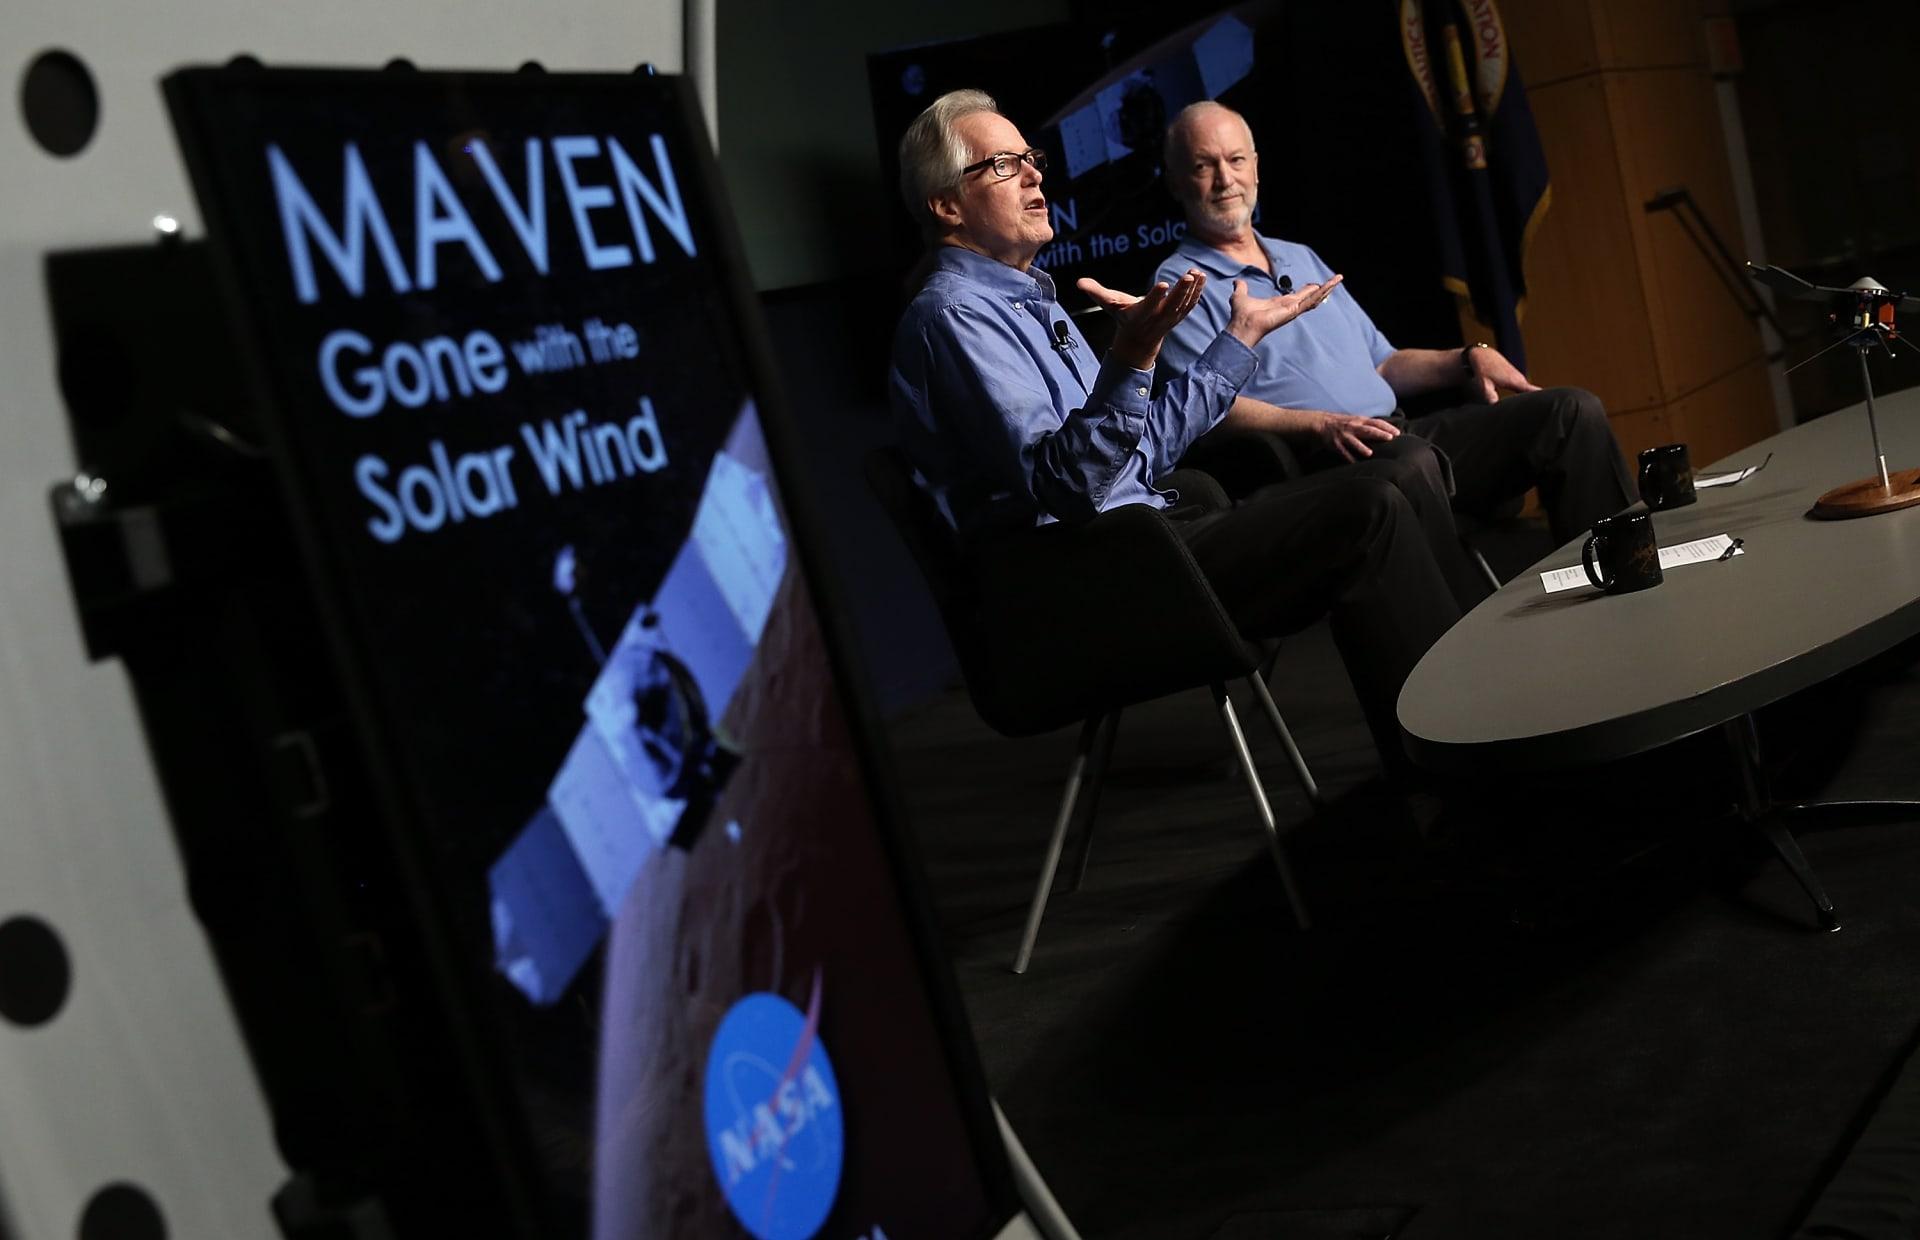 ناسا: الرياح الشمسية حولت المريخ إلى كوكب بارد وجاف.. هل سيكون ذلك مصير الأرض؟